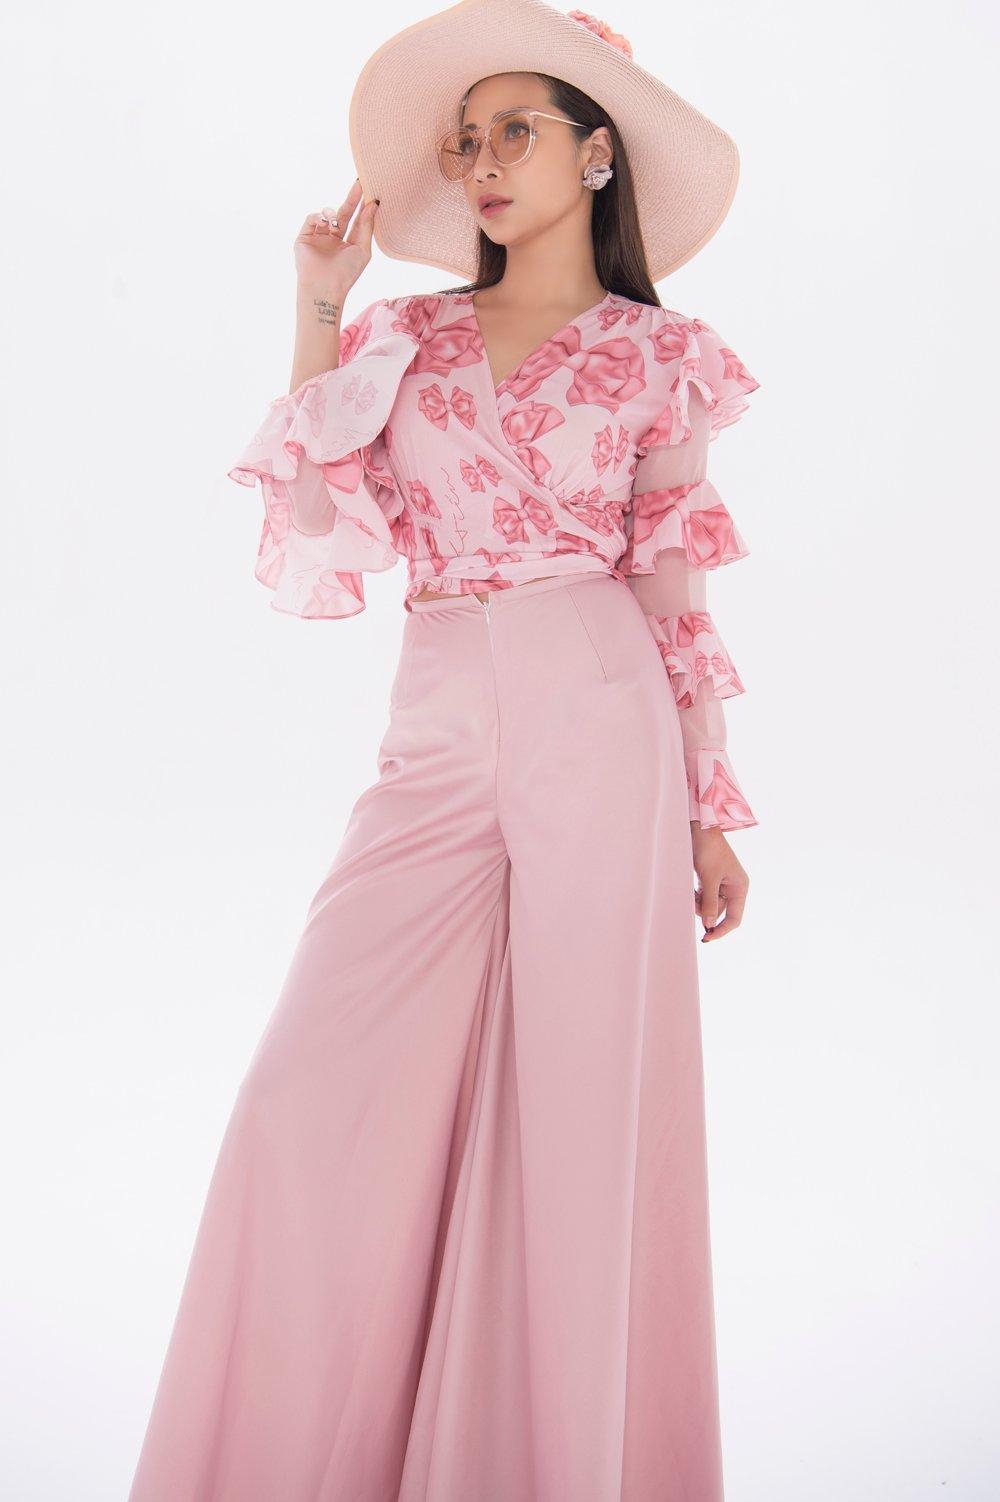 NTK Cao Minh Tiến lăng xê vẻ đẹp nữ tính, mềm mại trong bộ sưu tập mới  4